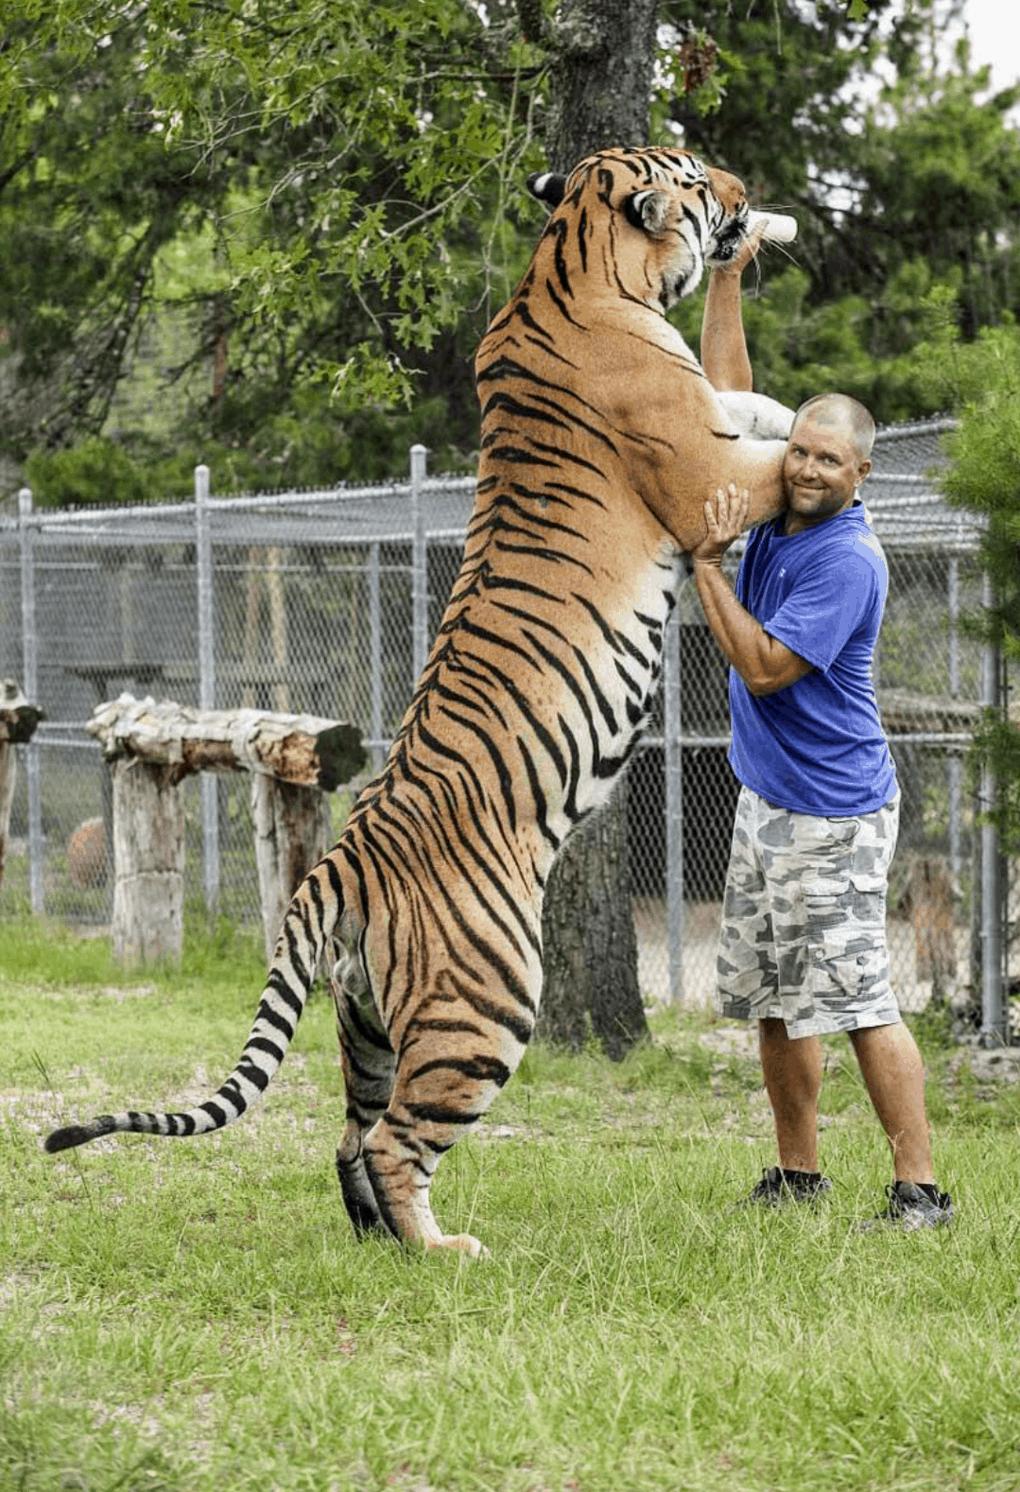 ps4g7x6ukgp21 1 - 18 фотографий животных, которые на своём примере показывают, что размеры познаются в сравнении